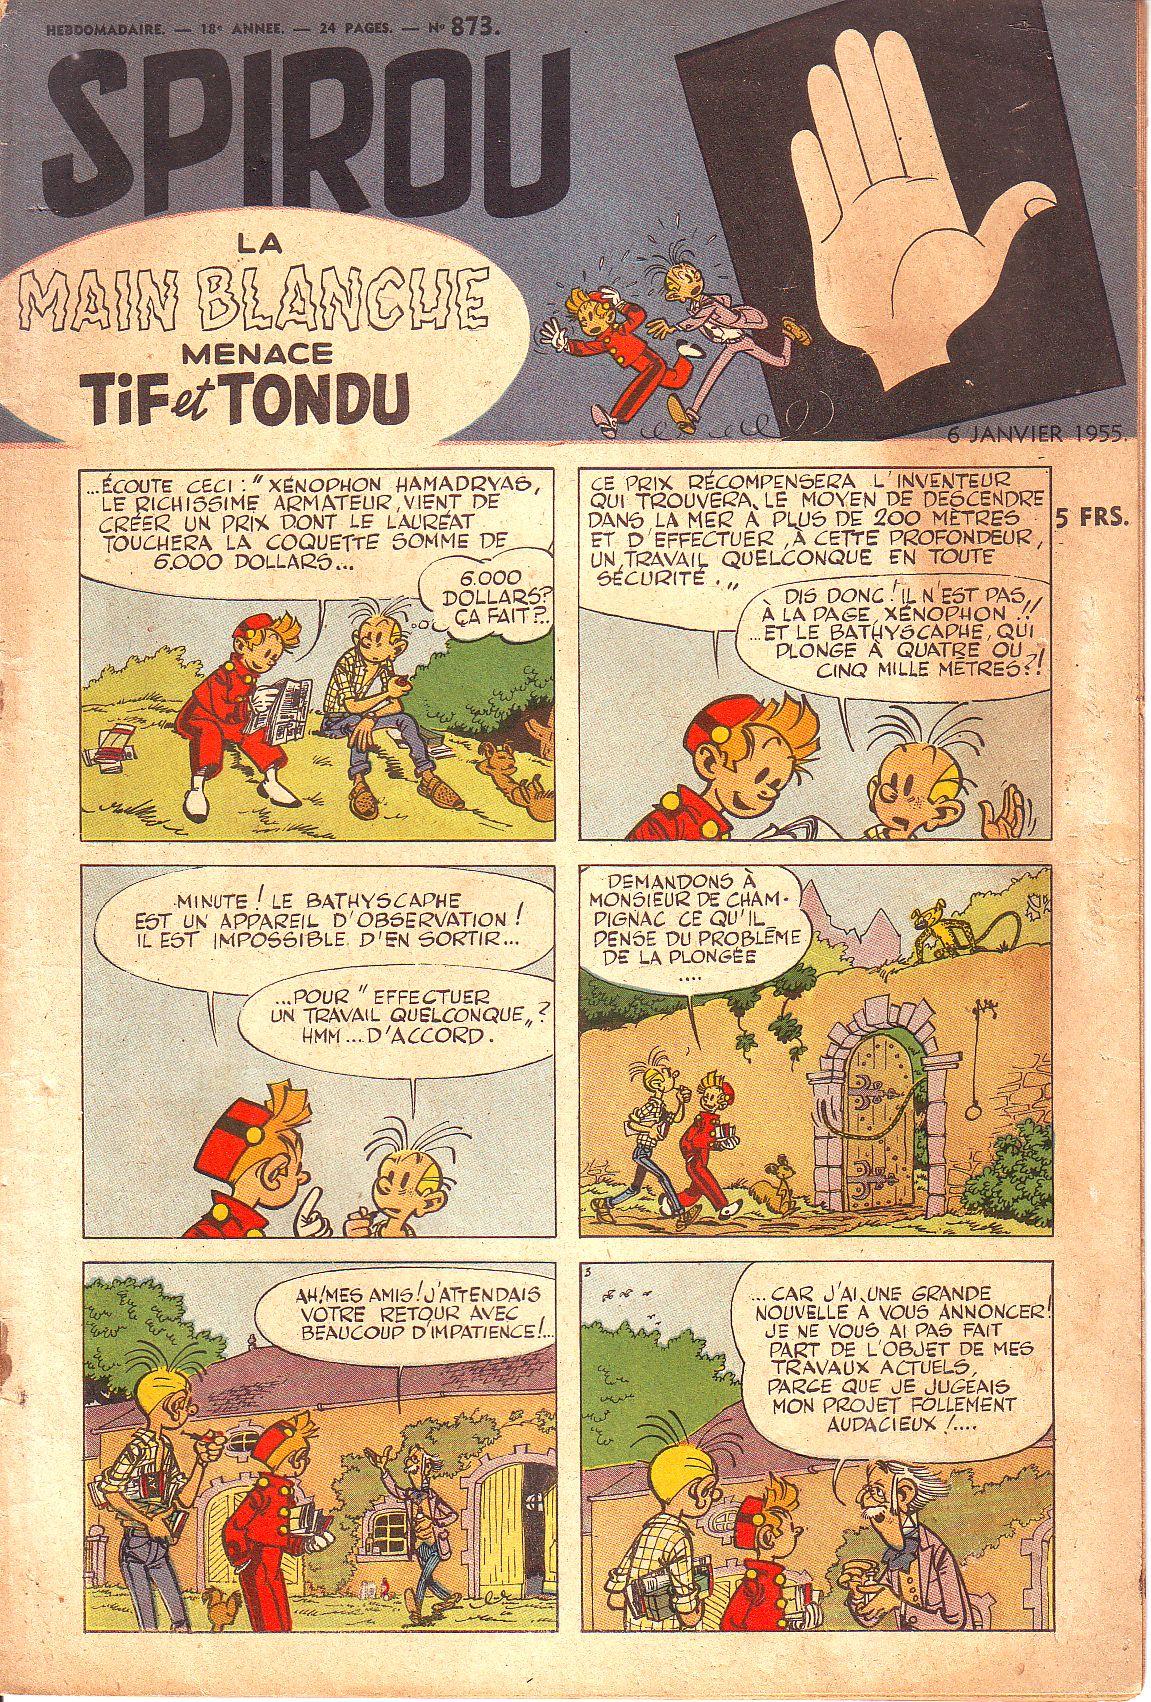 Le journal de Spirou 873